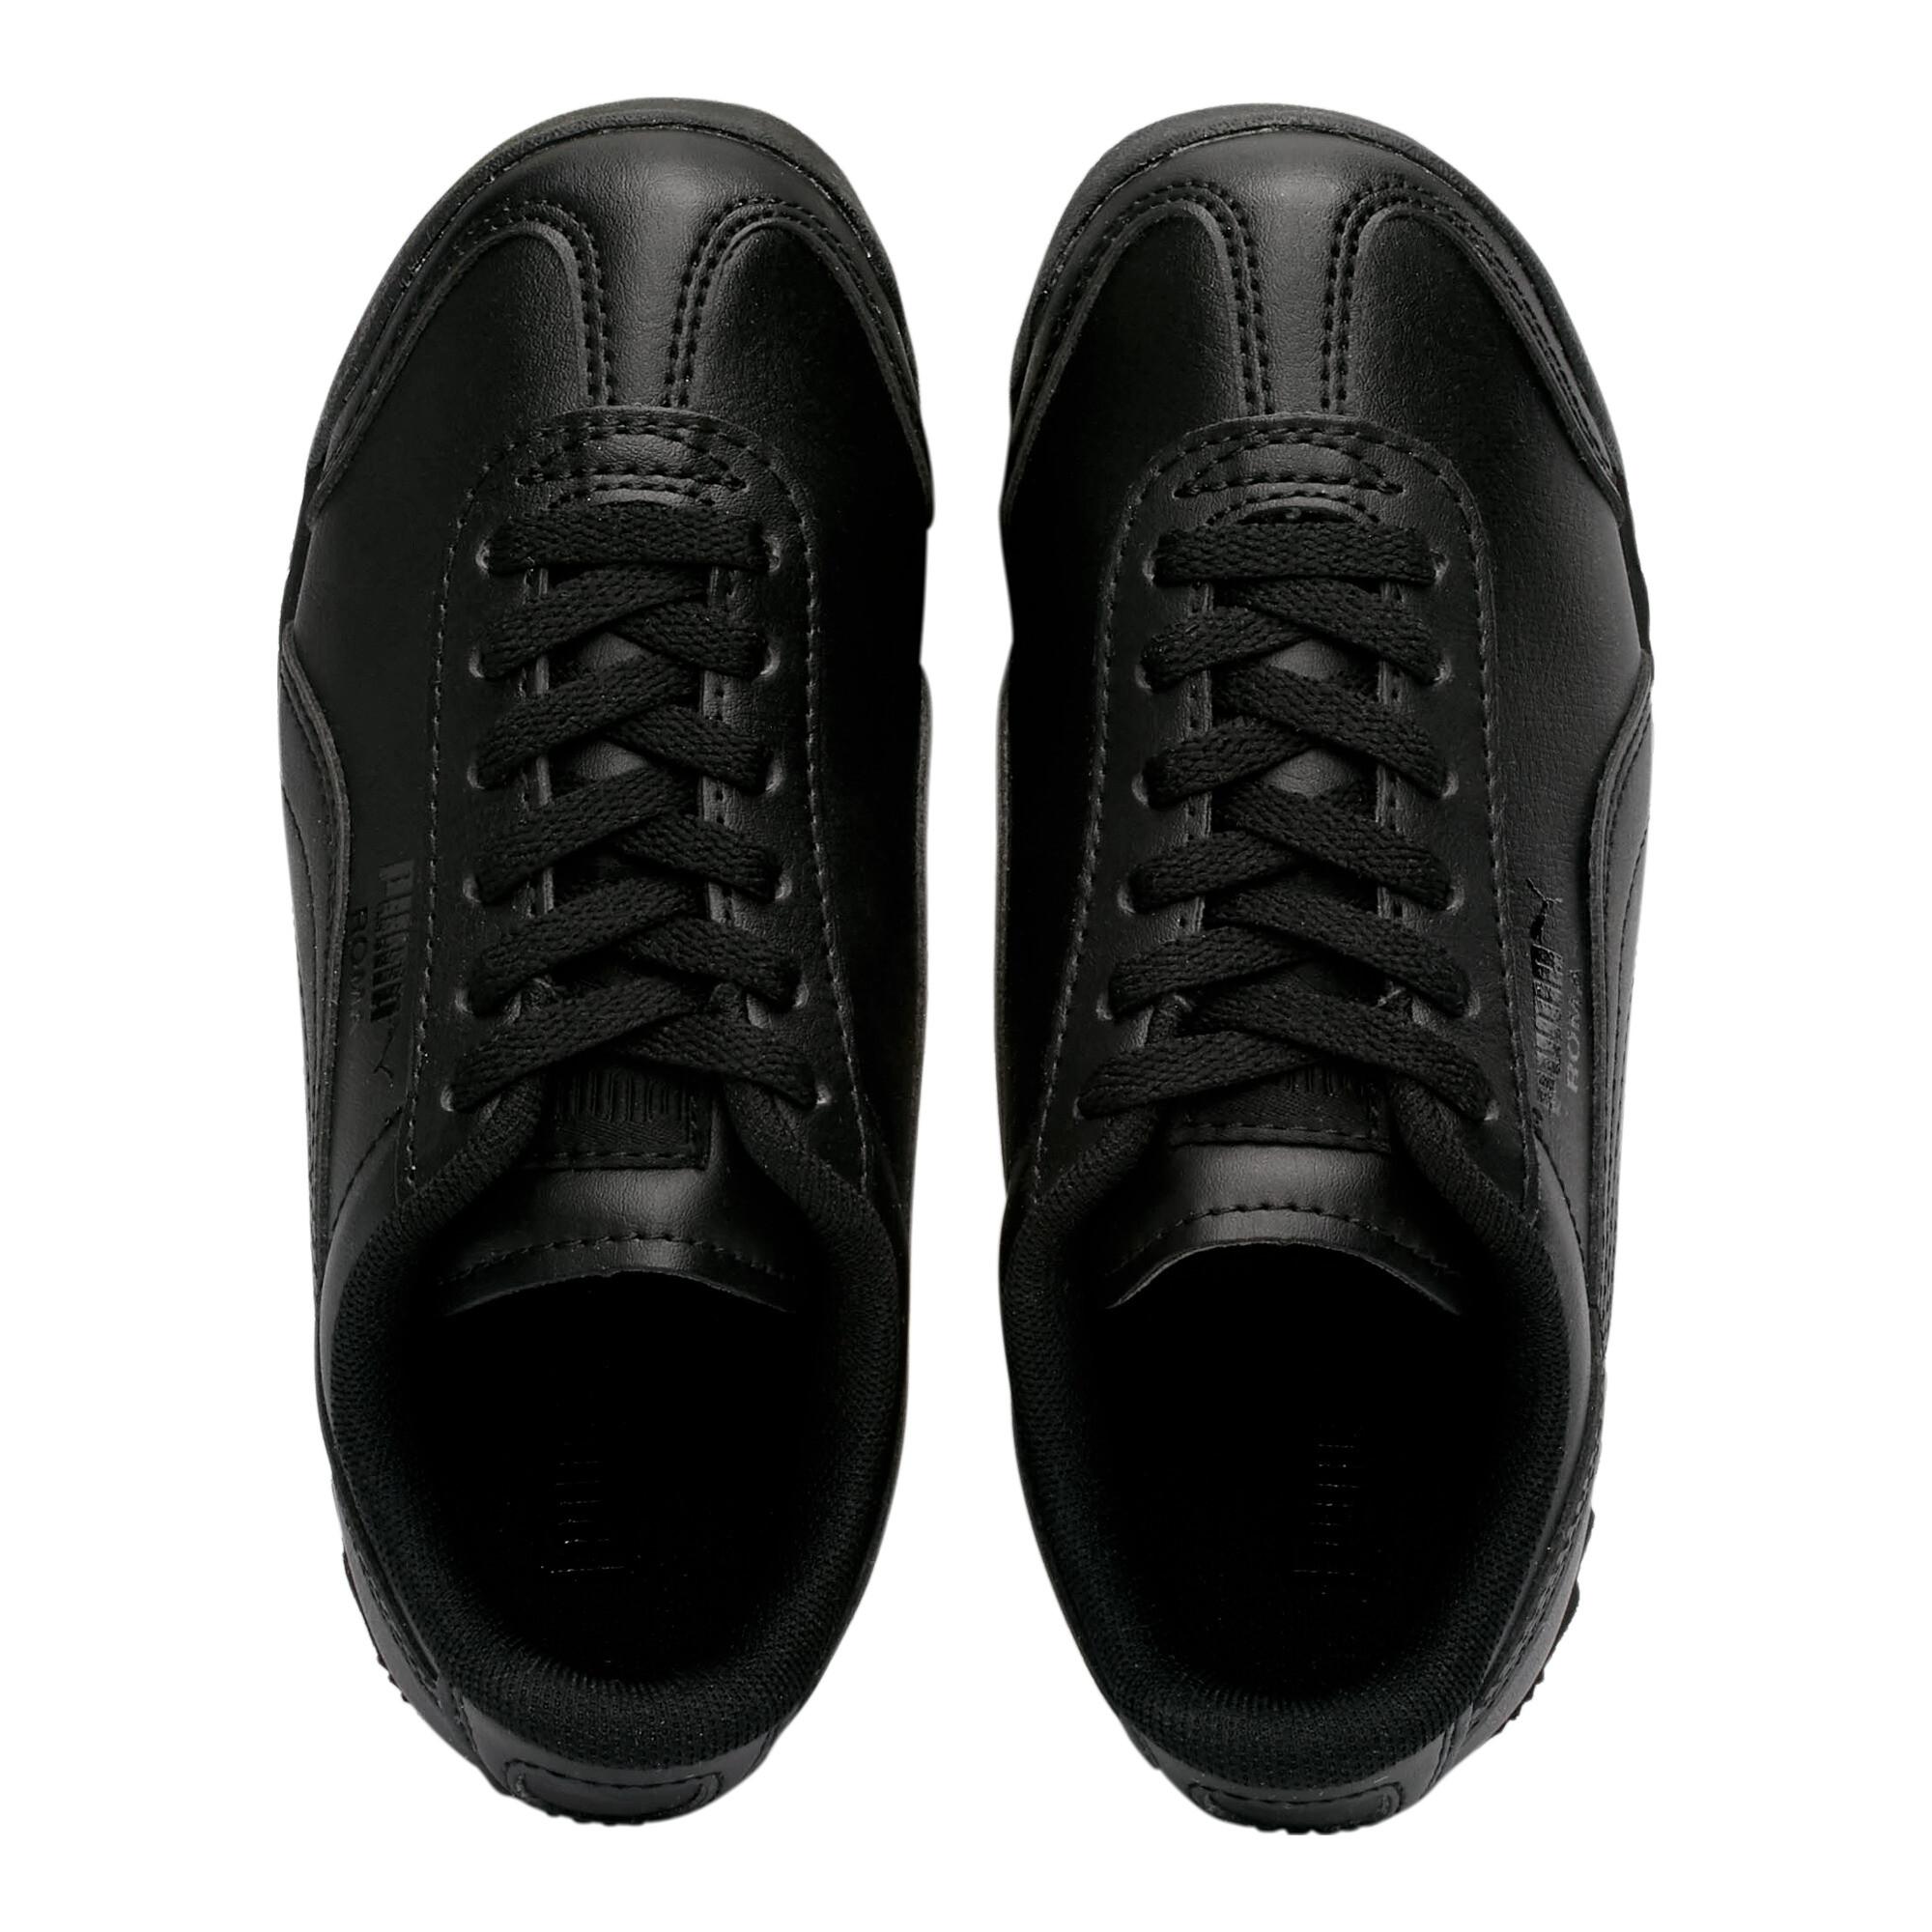 PUMA-Roma-Basic-Little-Kids-039-Shoes-Kids-Shoe-Kids thumbnail 7